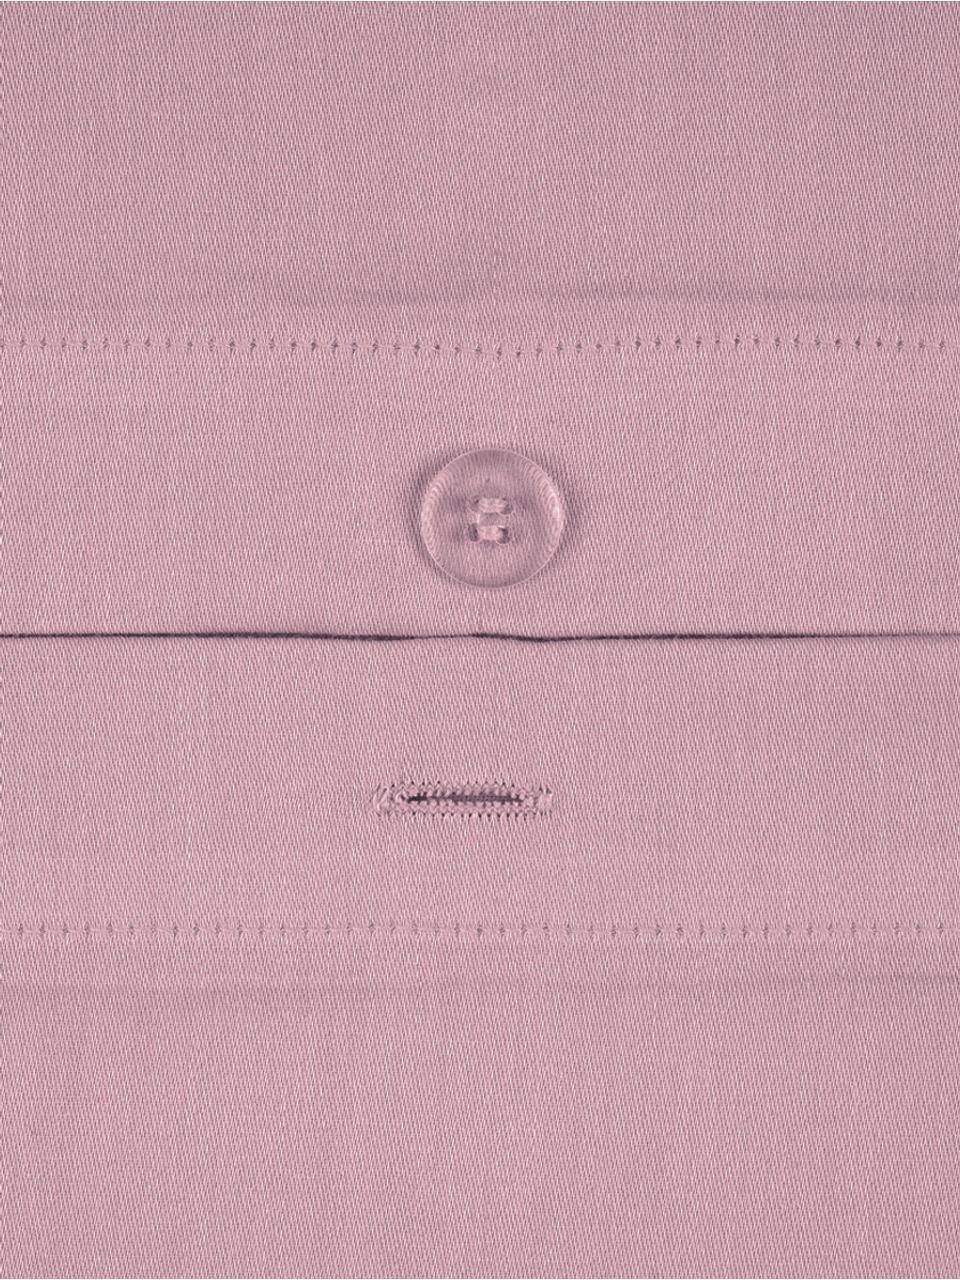 Pościel z satyny bawełnianej Comfort, Fioletowy, 135 x 200 cm